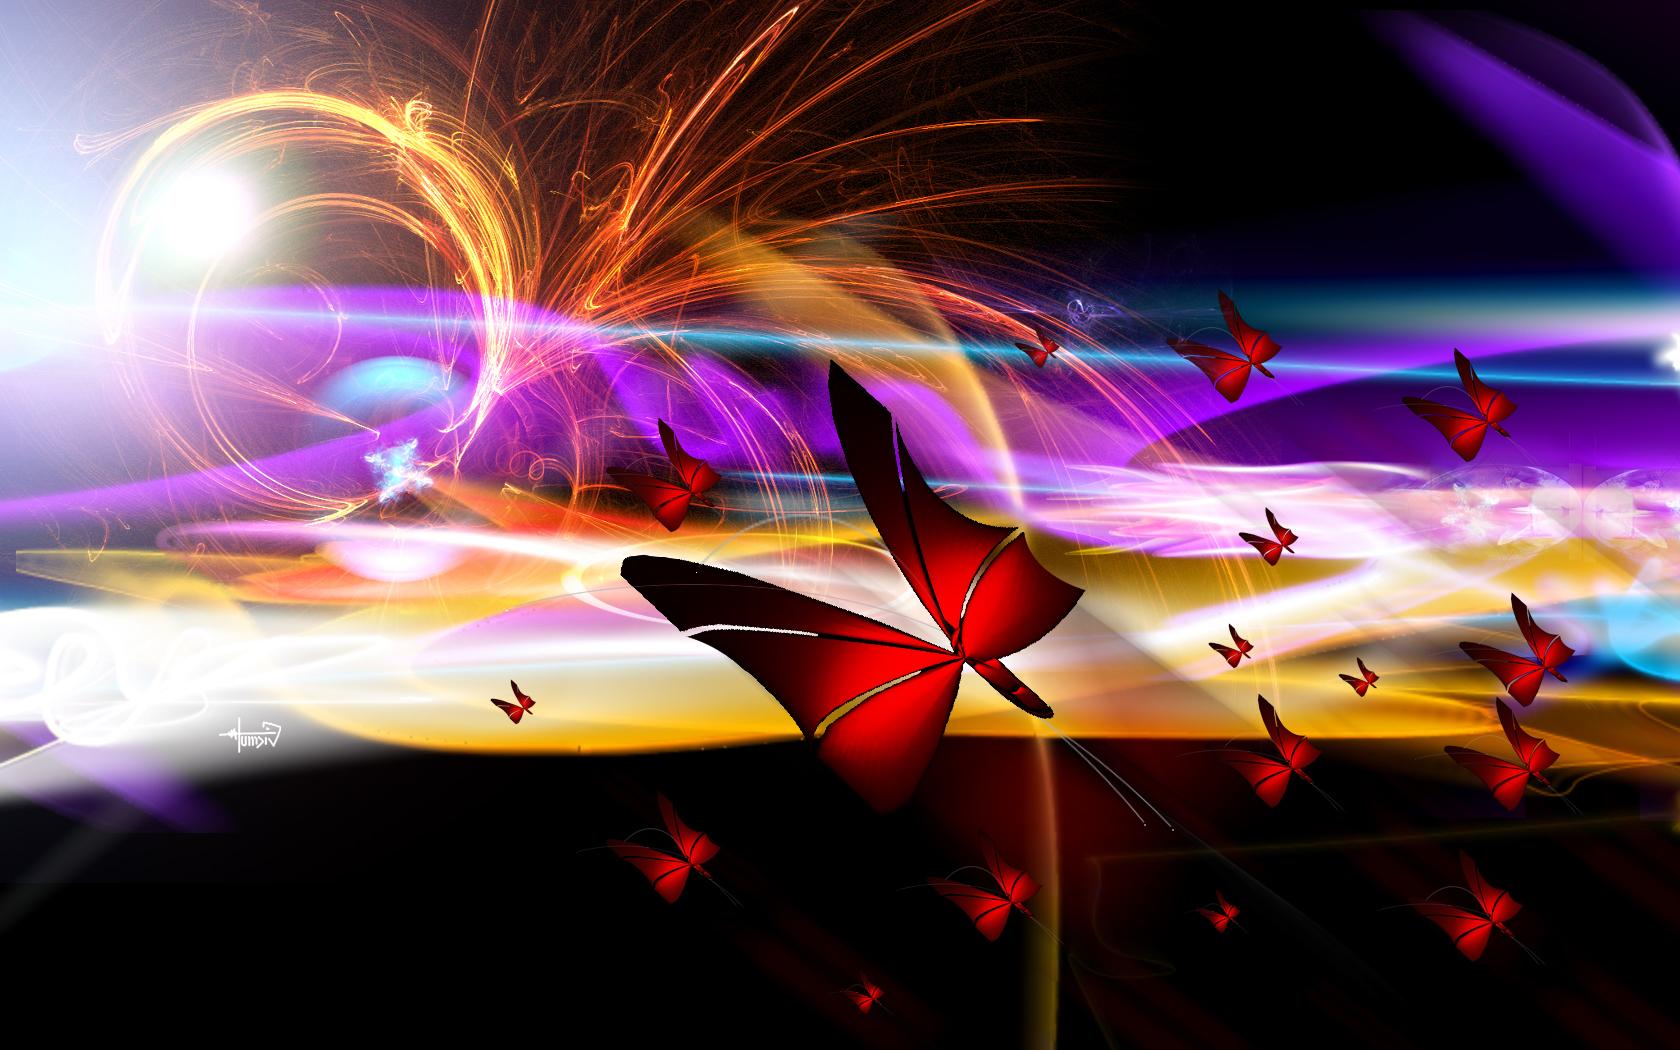 butterfly heaven wallpaper - photo #38